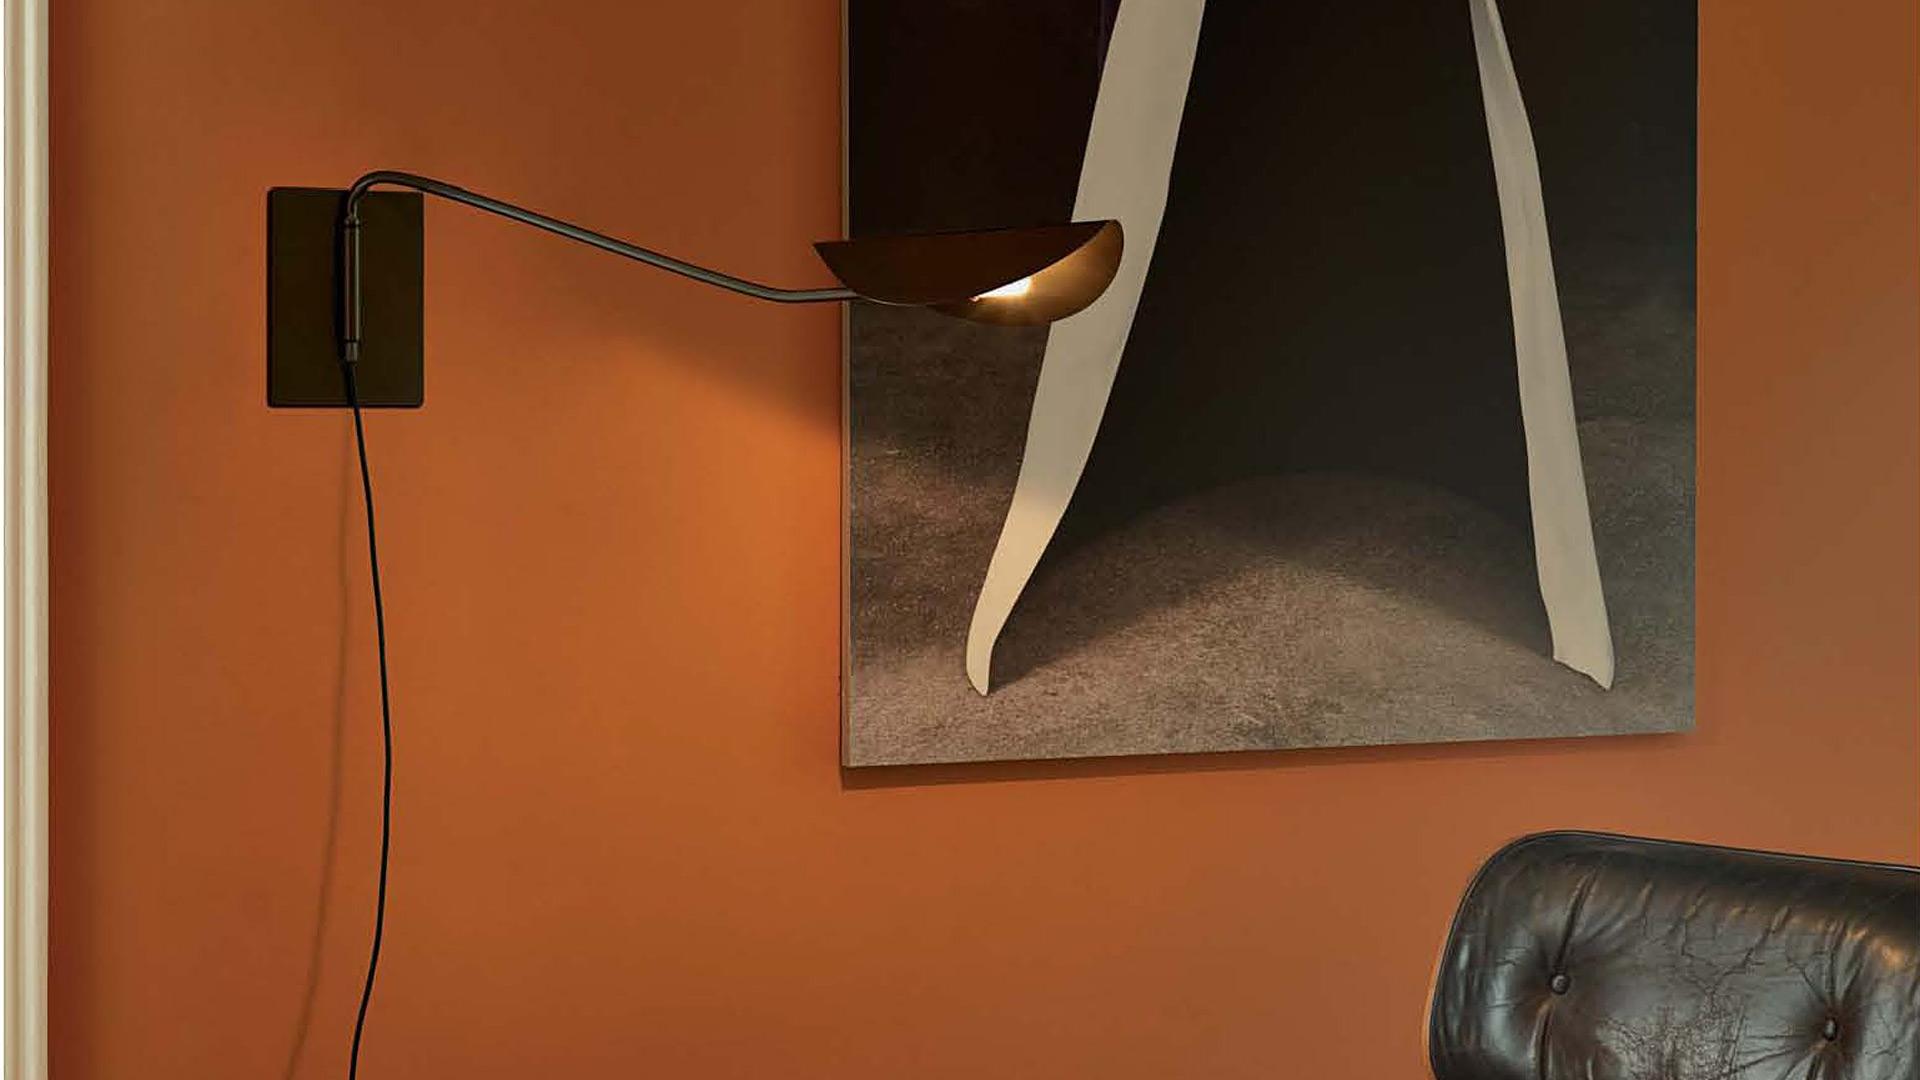 Plume - 158, designer Christophe Pillet